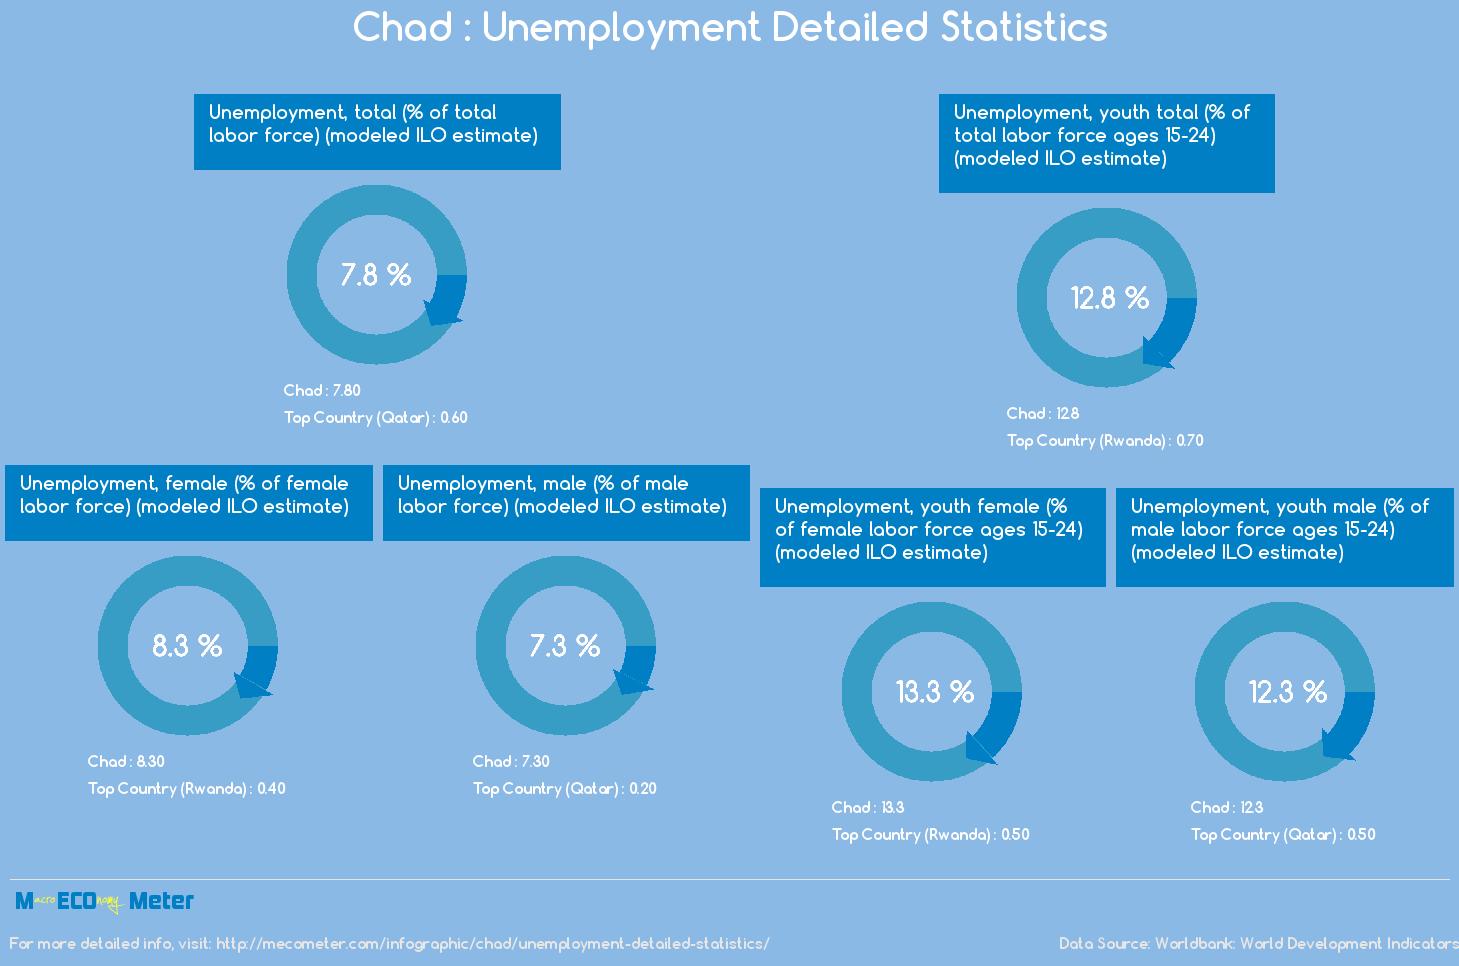 Chad : Unemployment Detailed Statistics